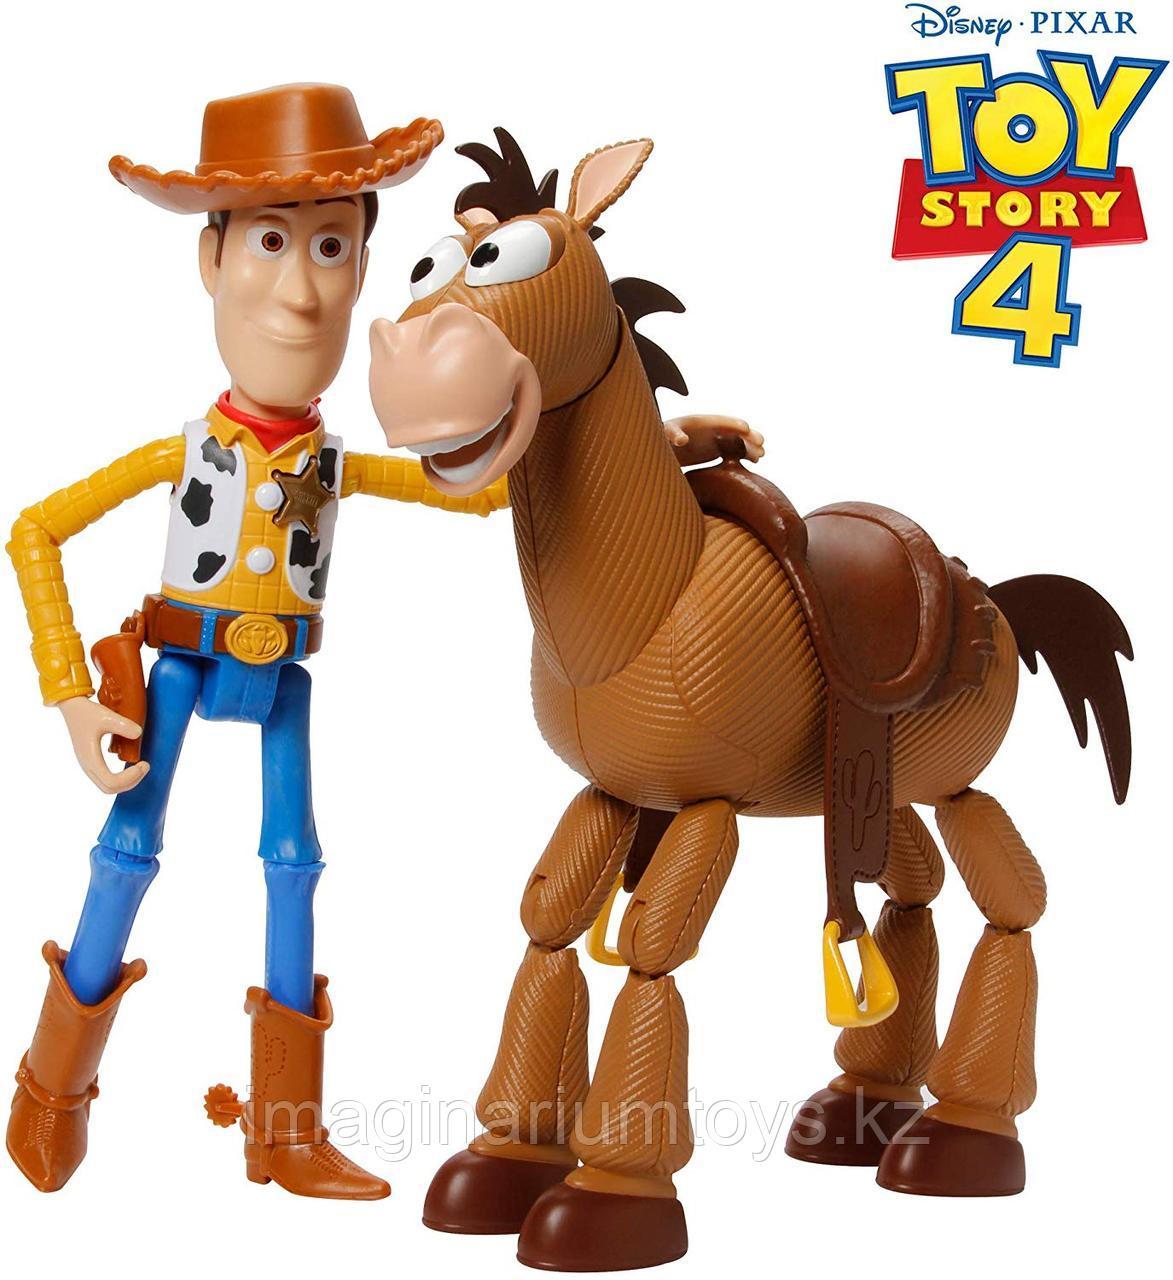 Вуди и конь Булзай из м/ф «История игрушек» Toy Story 4